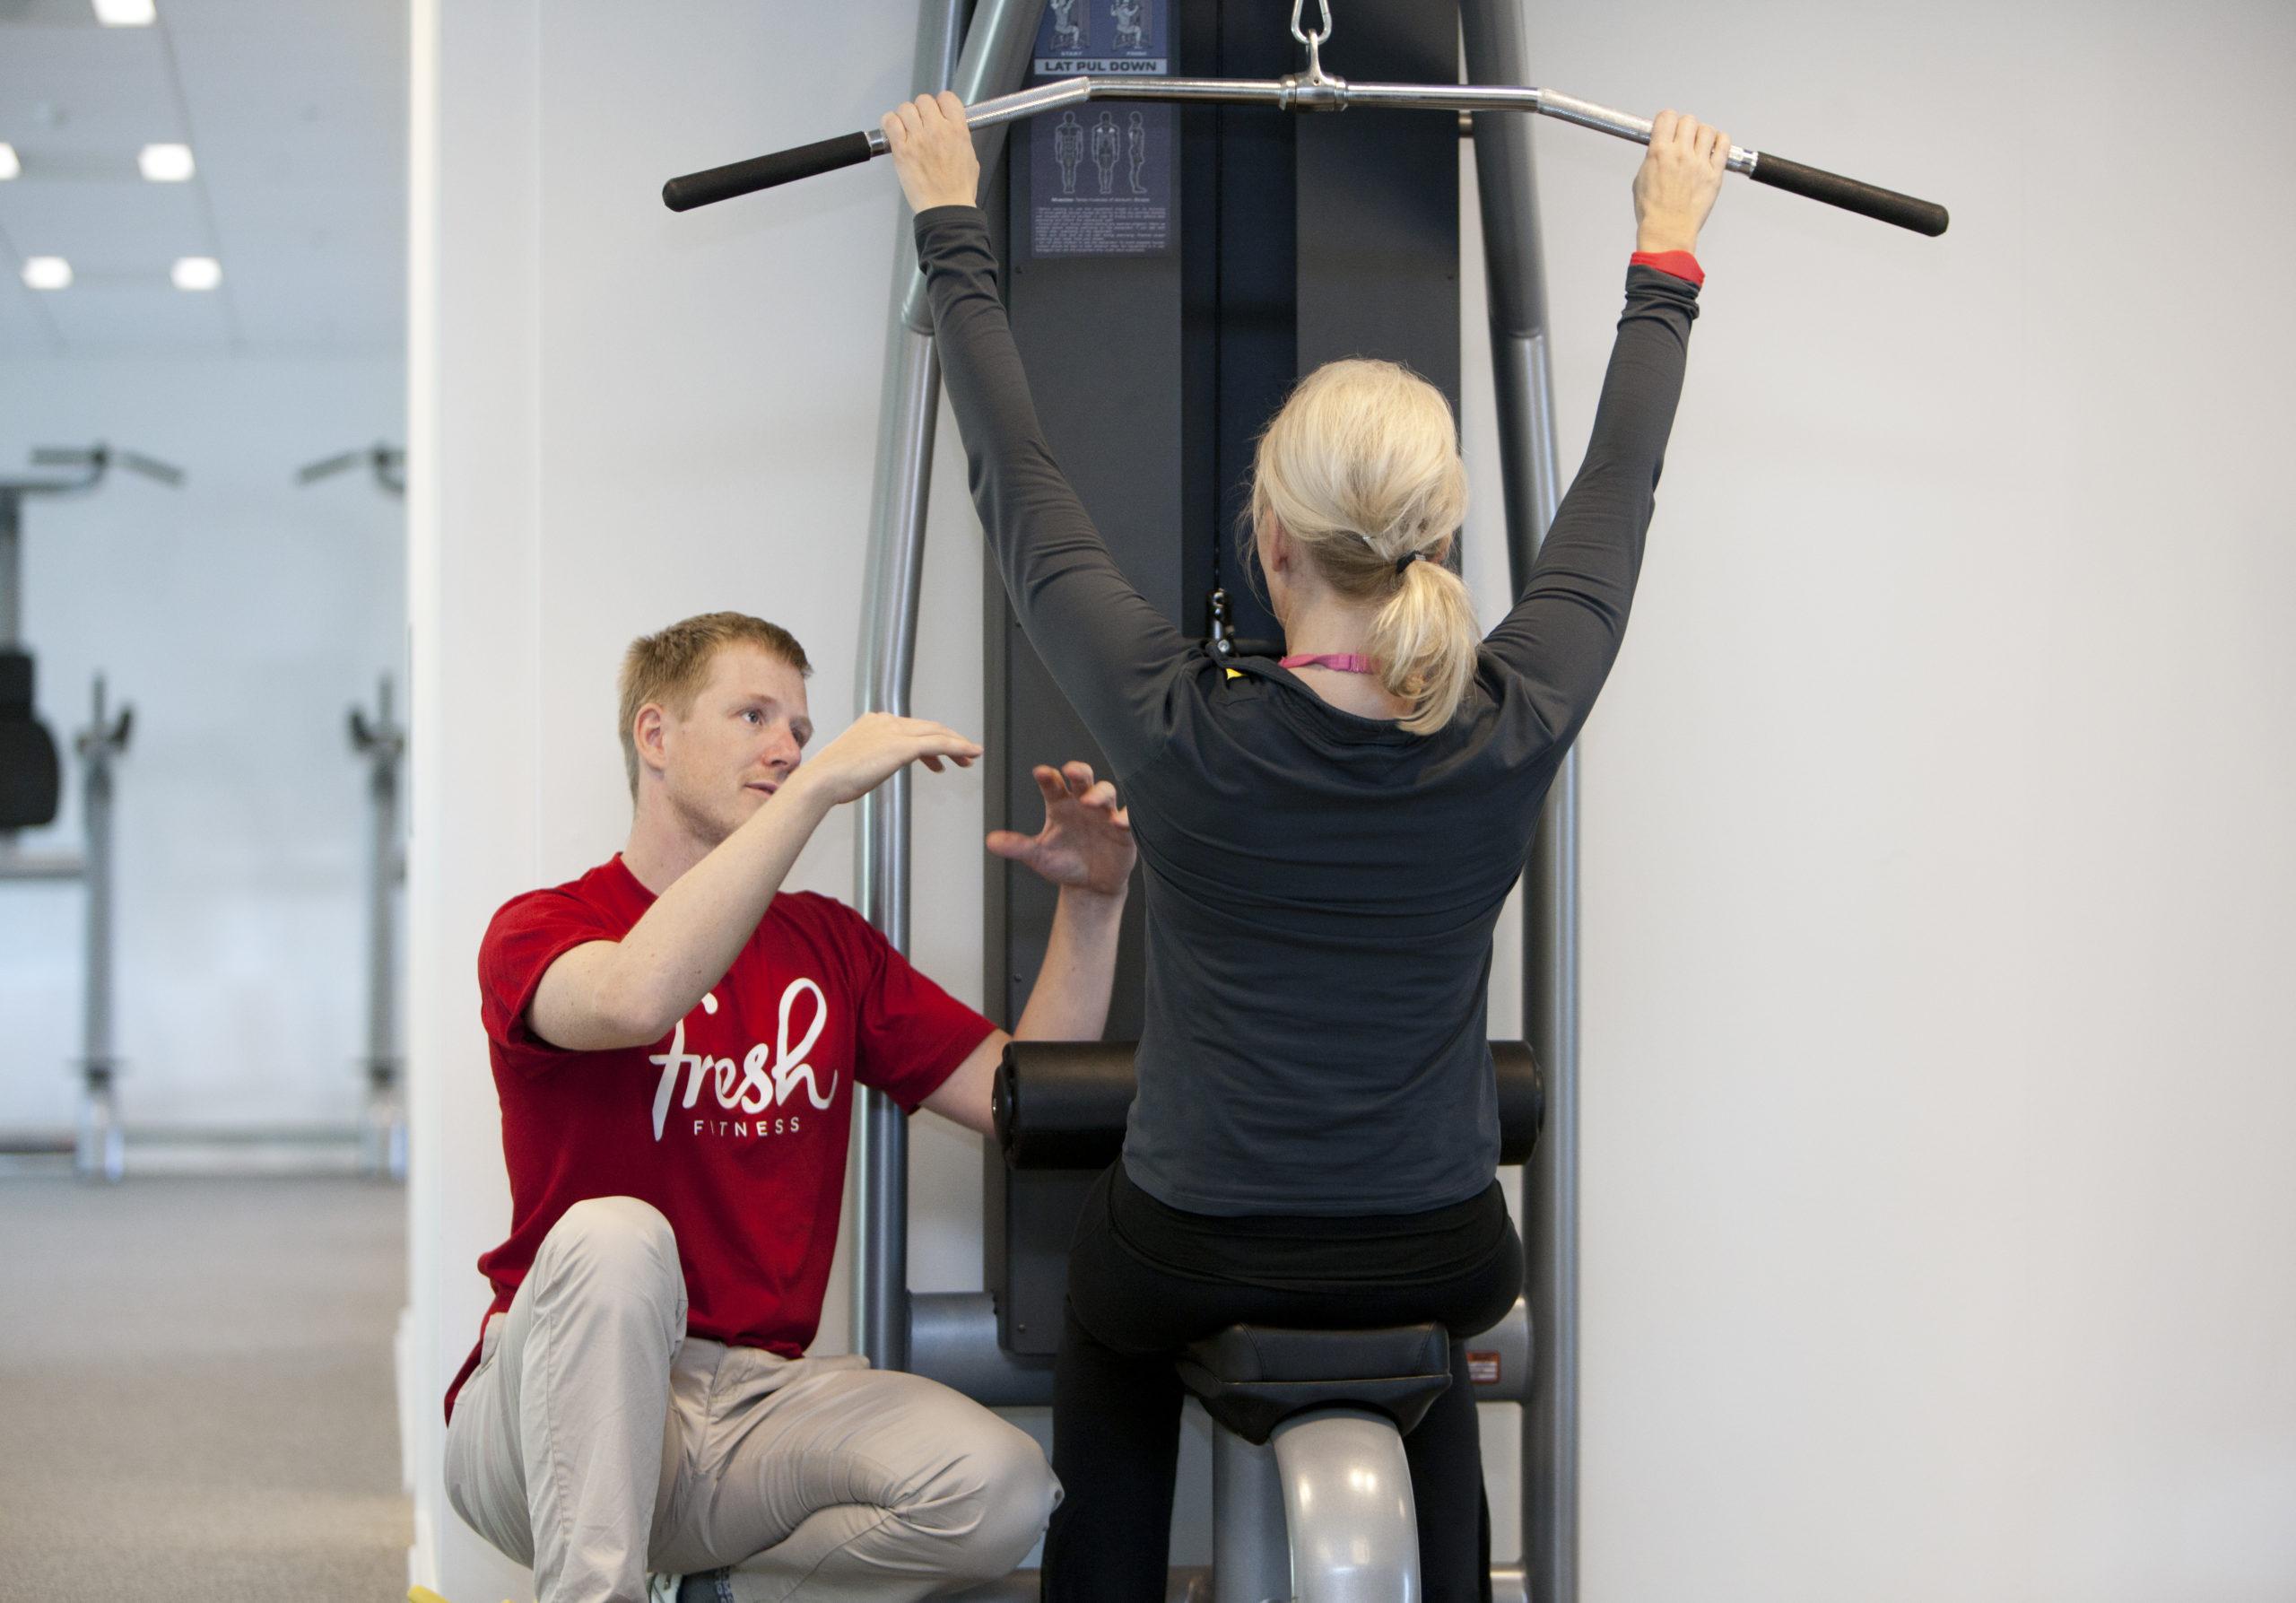 PT hos Fresh fitness med kunde